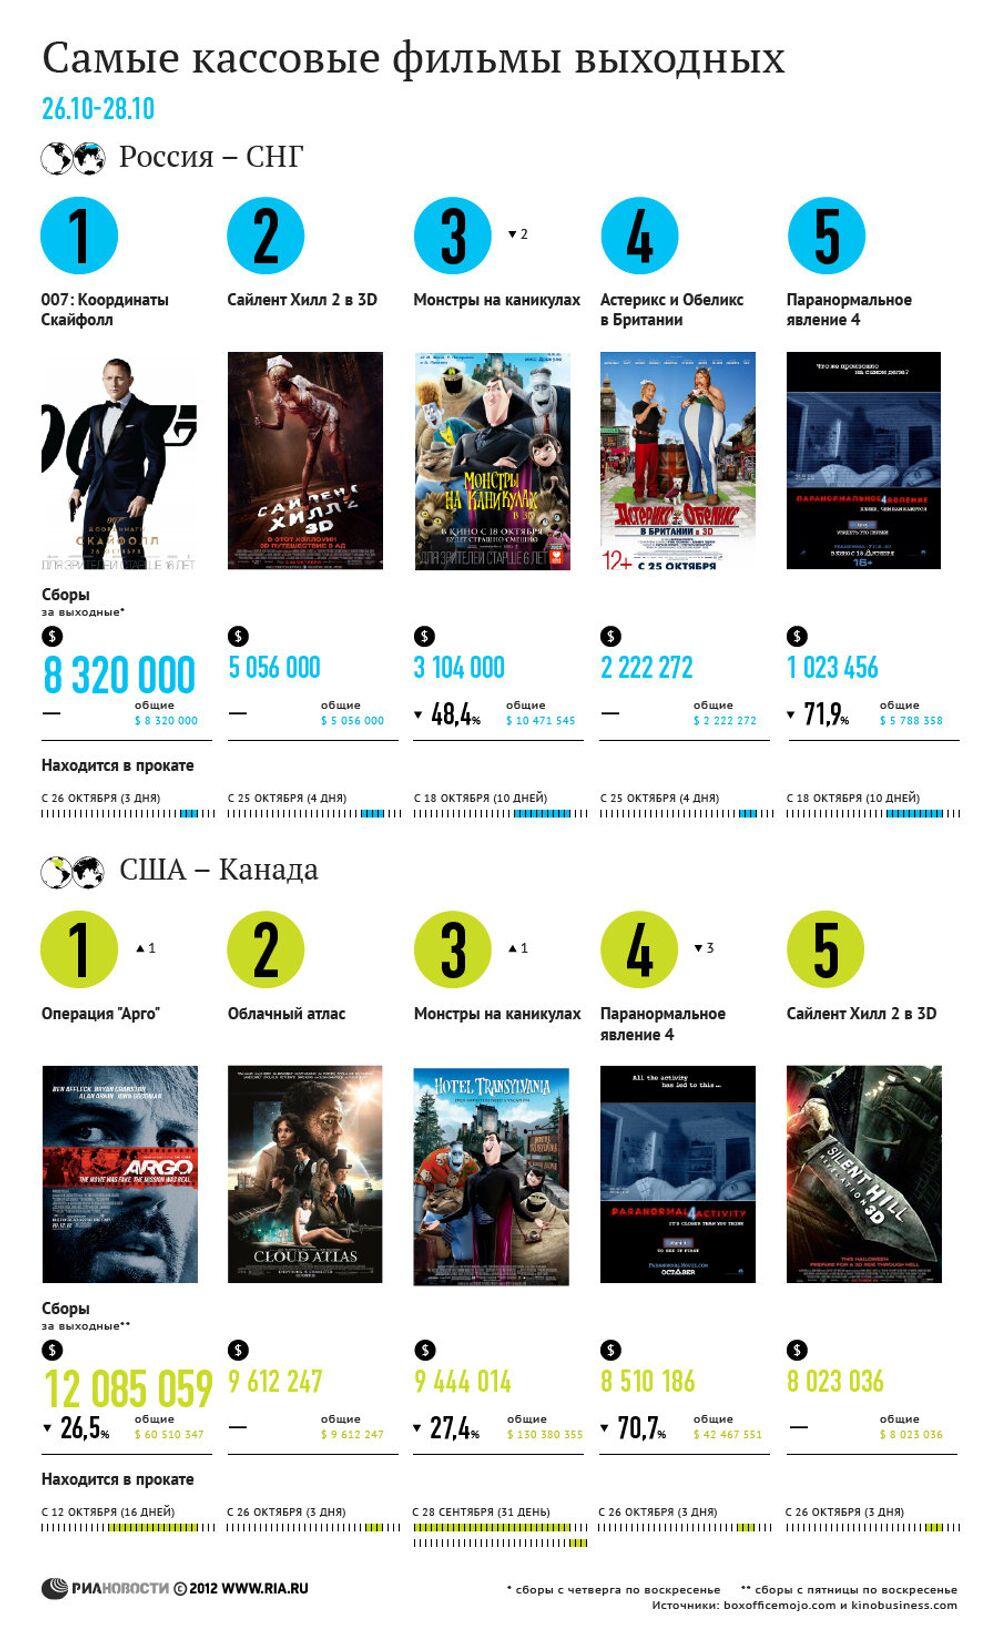 самые кассовые фильмы выходных 26 28 октября риа новости